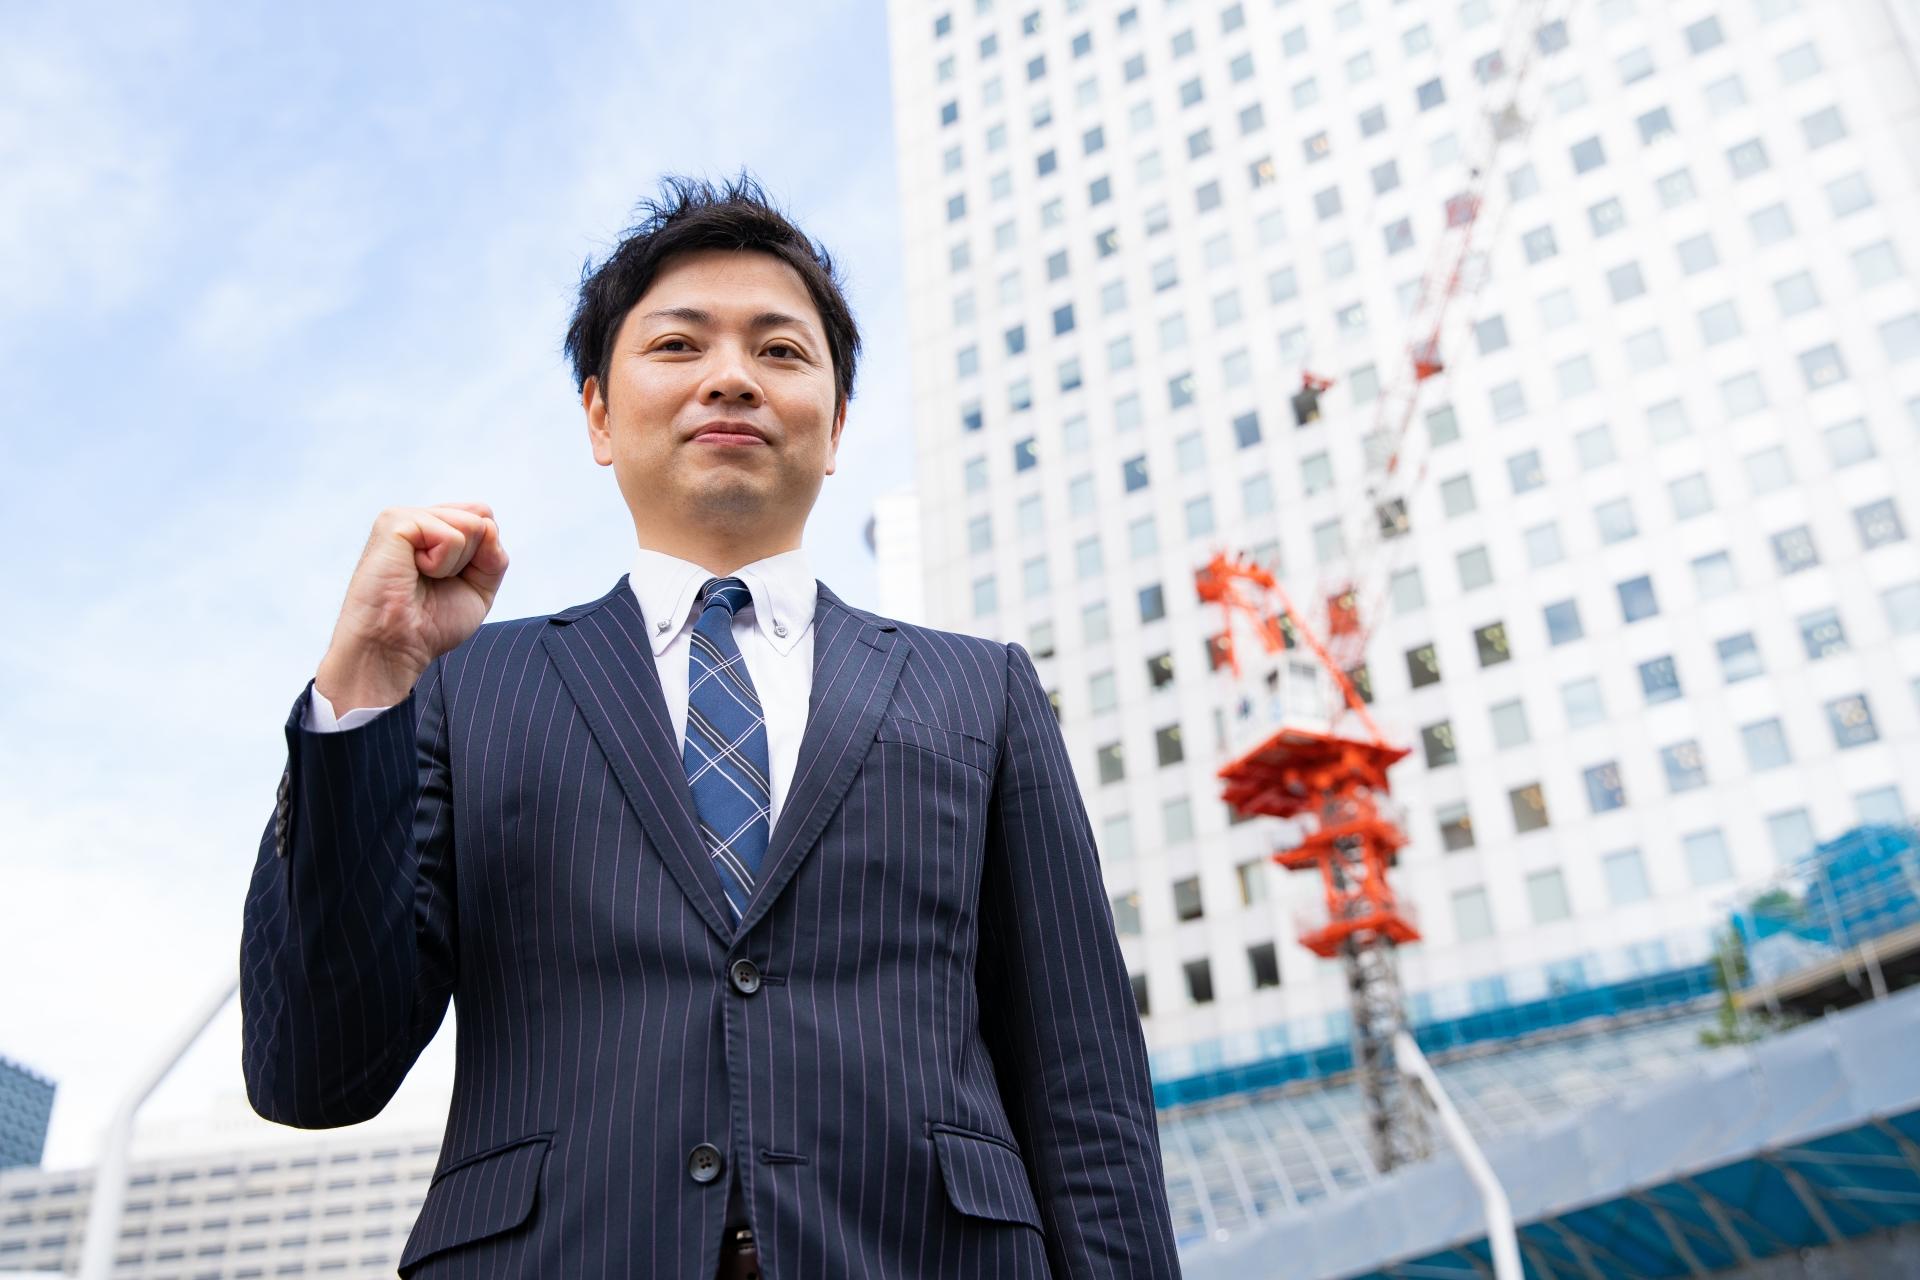 2. 賃貸マンションで大規模修繕を実施するときオーナーが注意すること